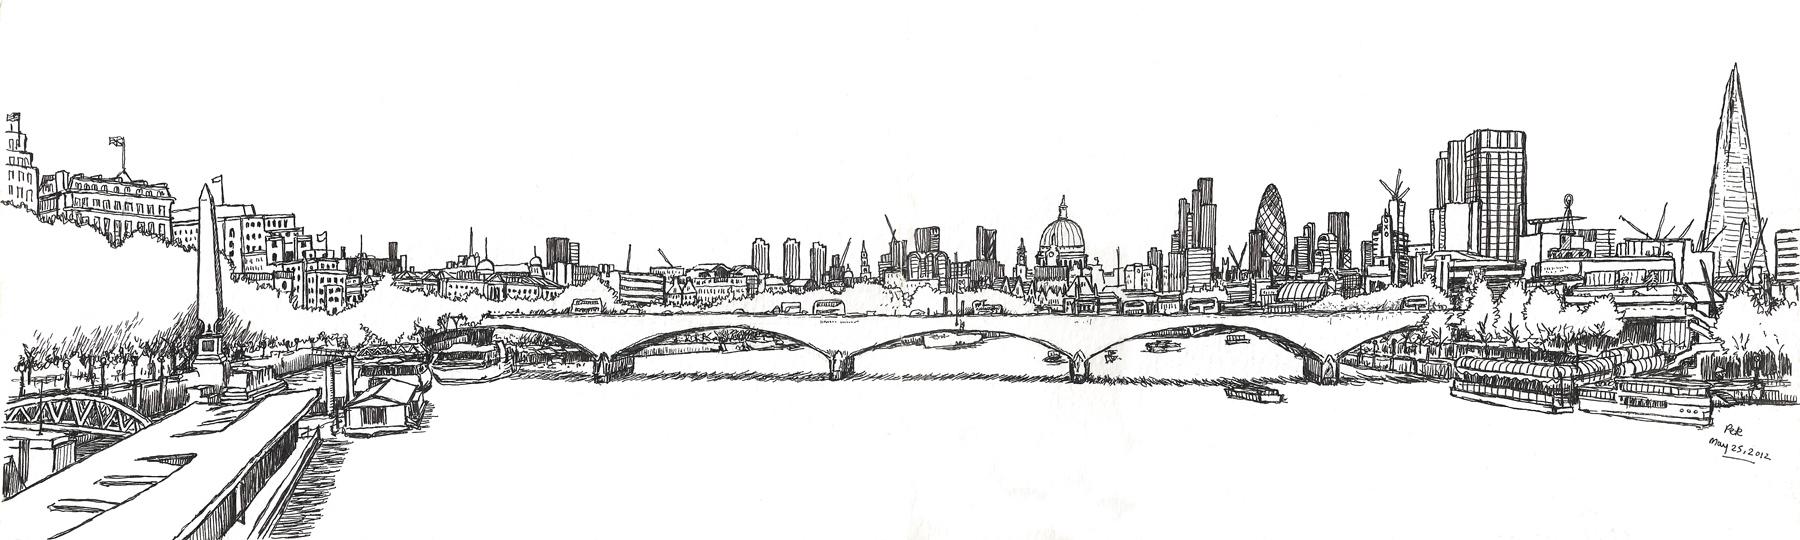 Drawn bridge london waterloo London: panorama Urban Waterloo 2012